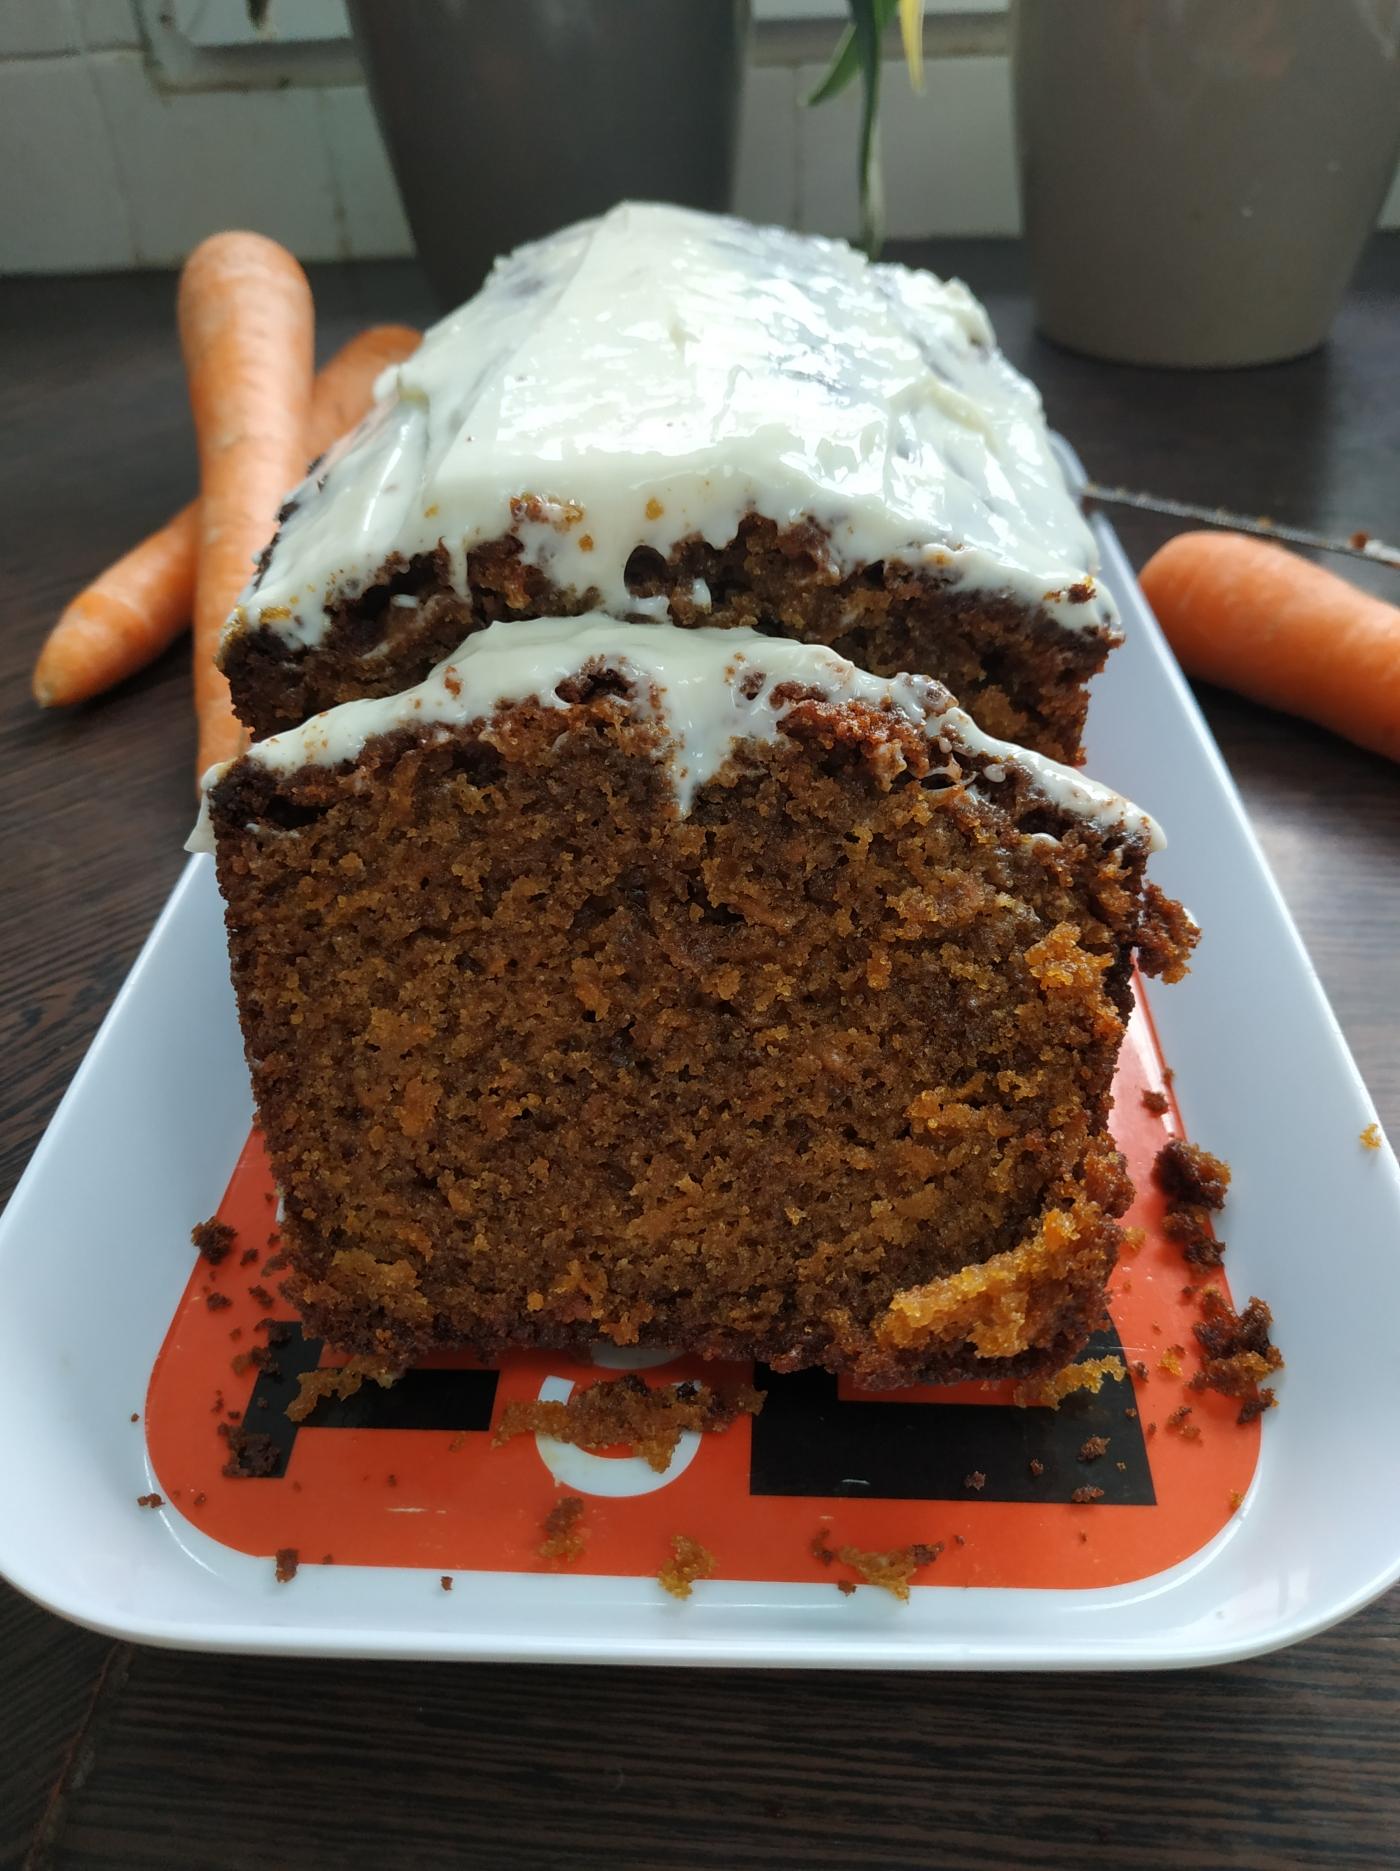 Carrot cake fait maison avec son glaçage blanc